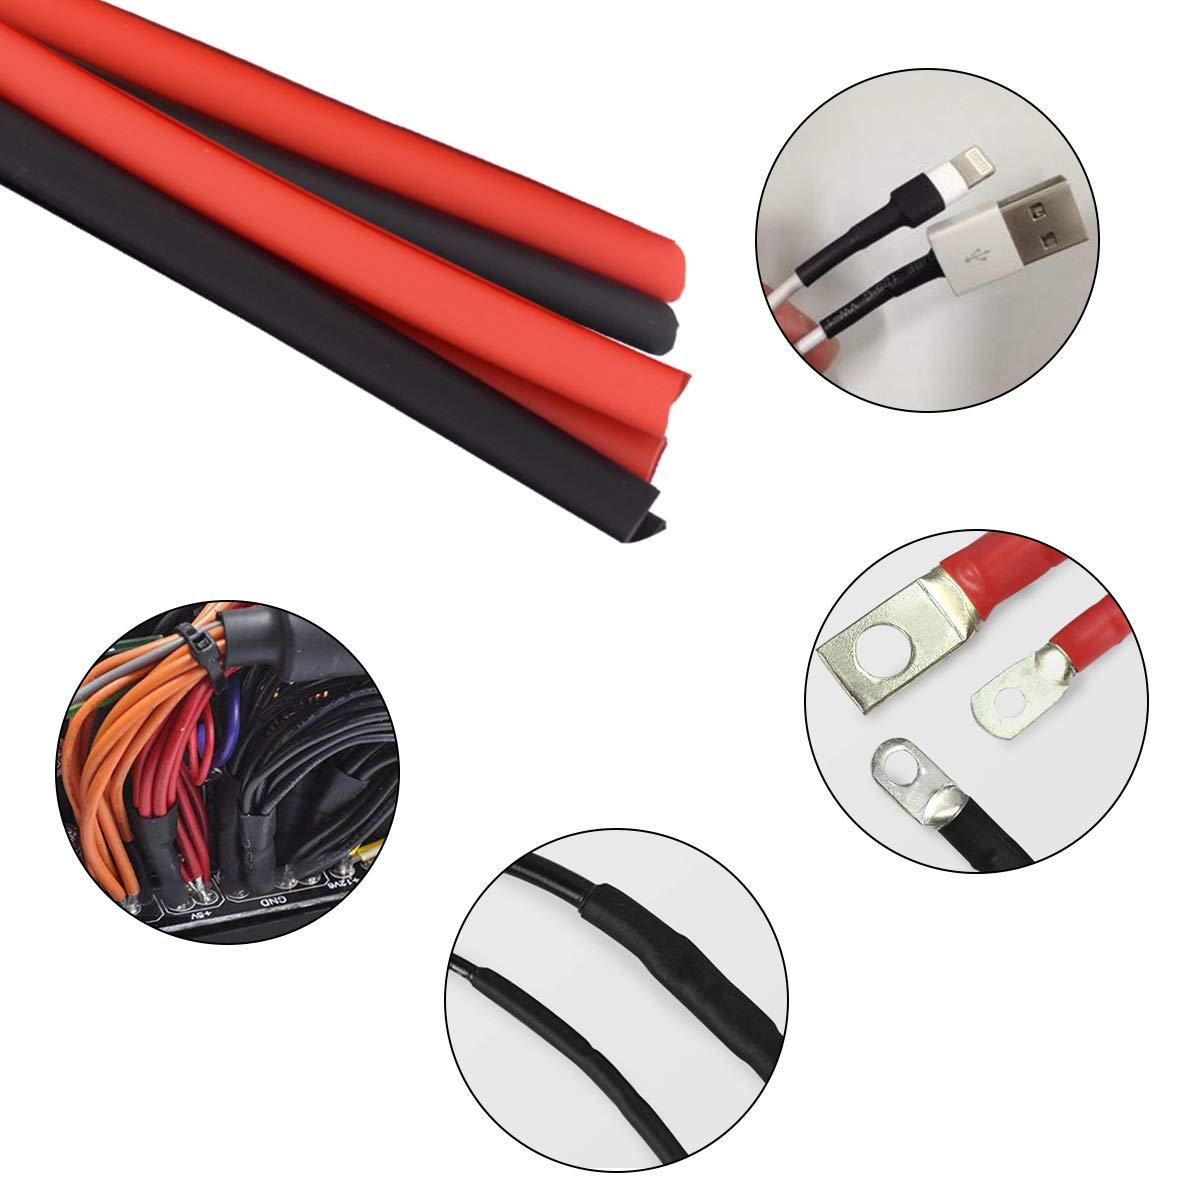 1,Conectores Electricos,Cinta Aislante Protecci/ón el Cable Rojo 1.5M),5mm-14mm Varios Di/ámetros Funda Termoretractil,3 Metros(Negro 1.5M Tubo Termorretr/áctil Aislamiento Poliolefina 2